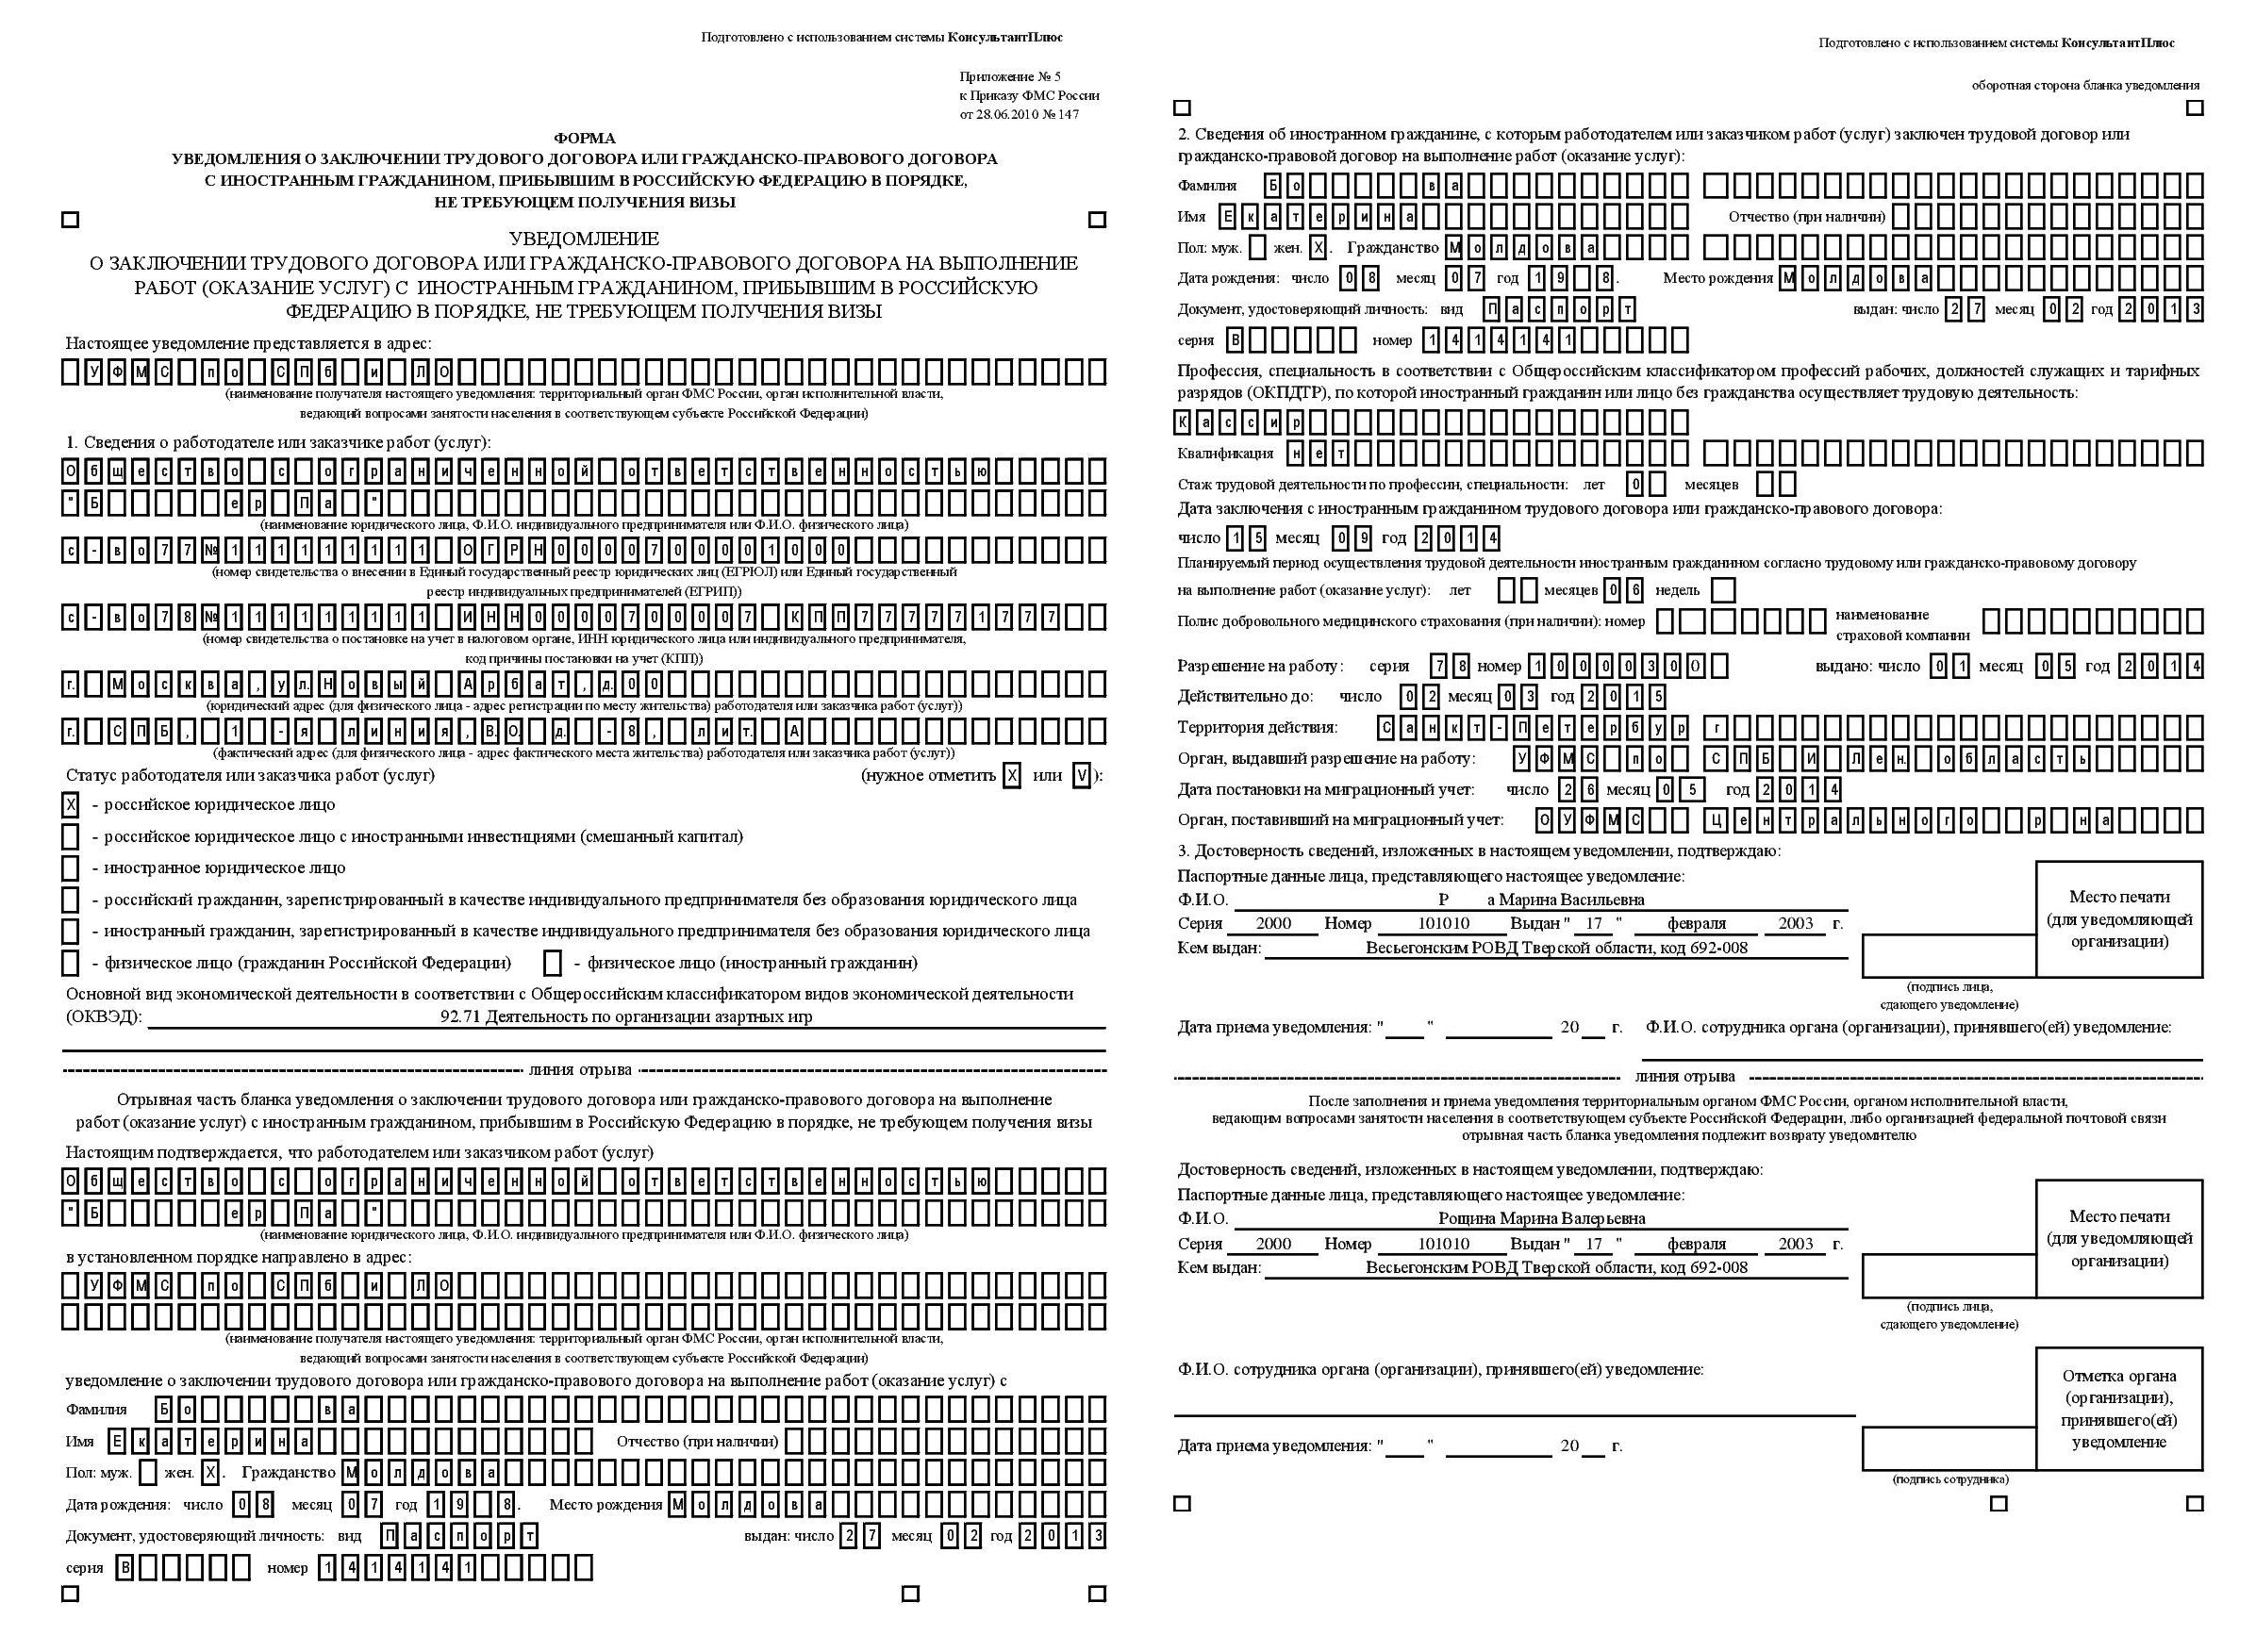 Трудовой договор для патента пени по ндфл кбк 2019